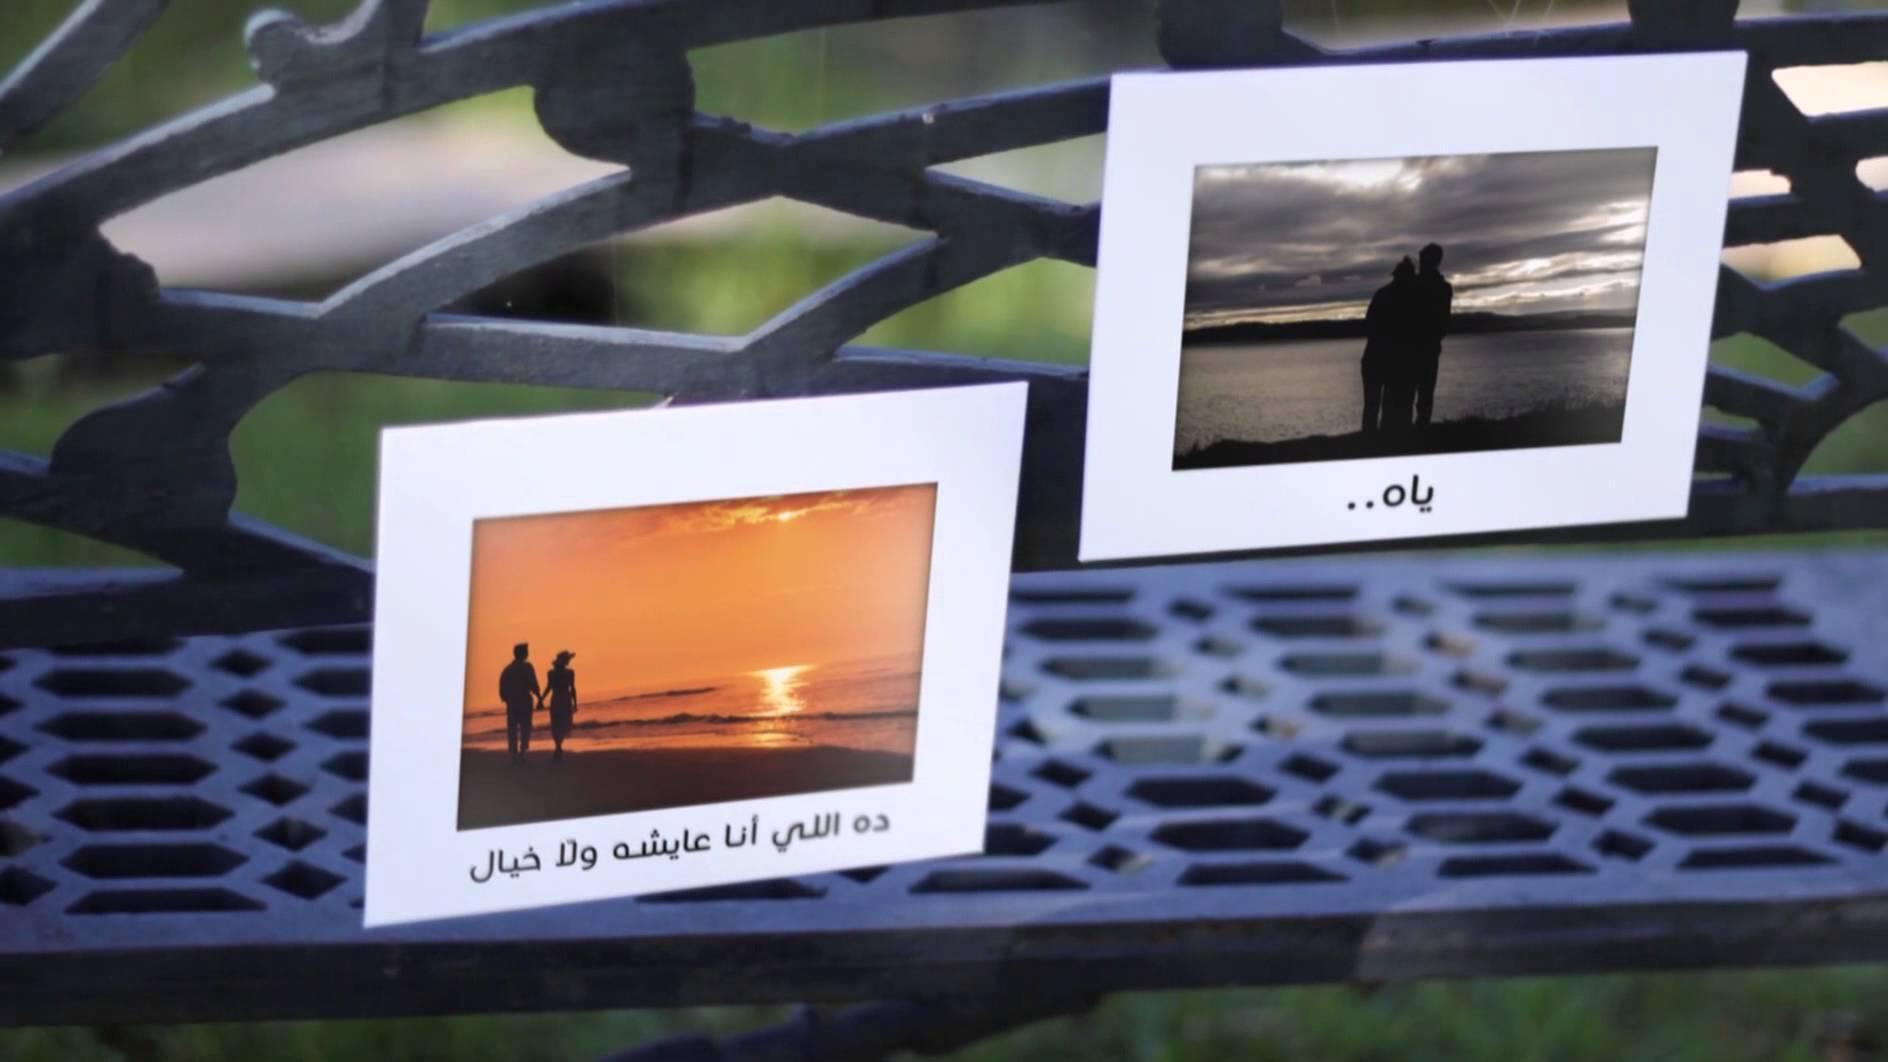 يوتيوب تحميل استماع اغنية كلام في الحب نادر نور 2015 Mp3